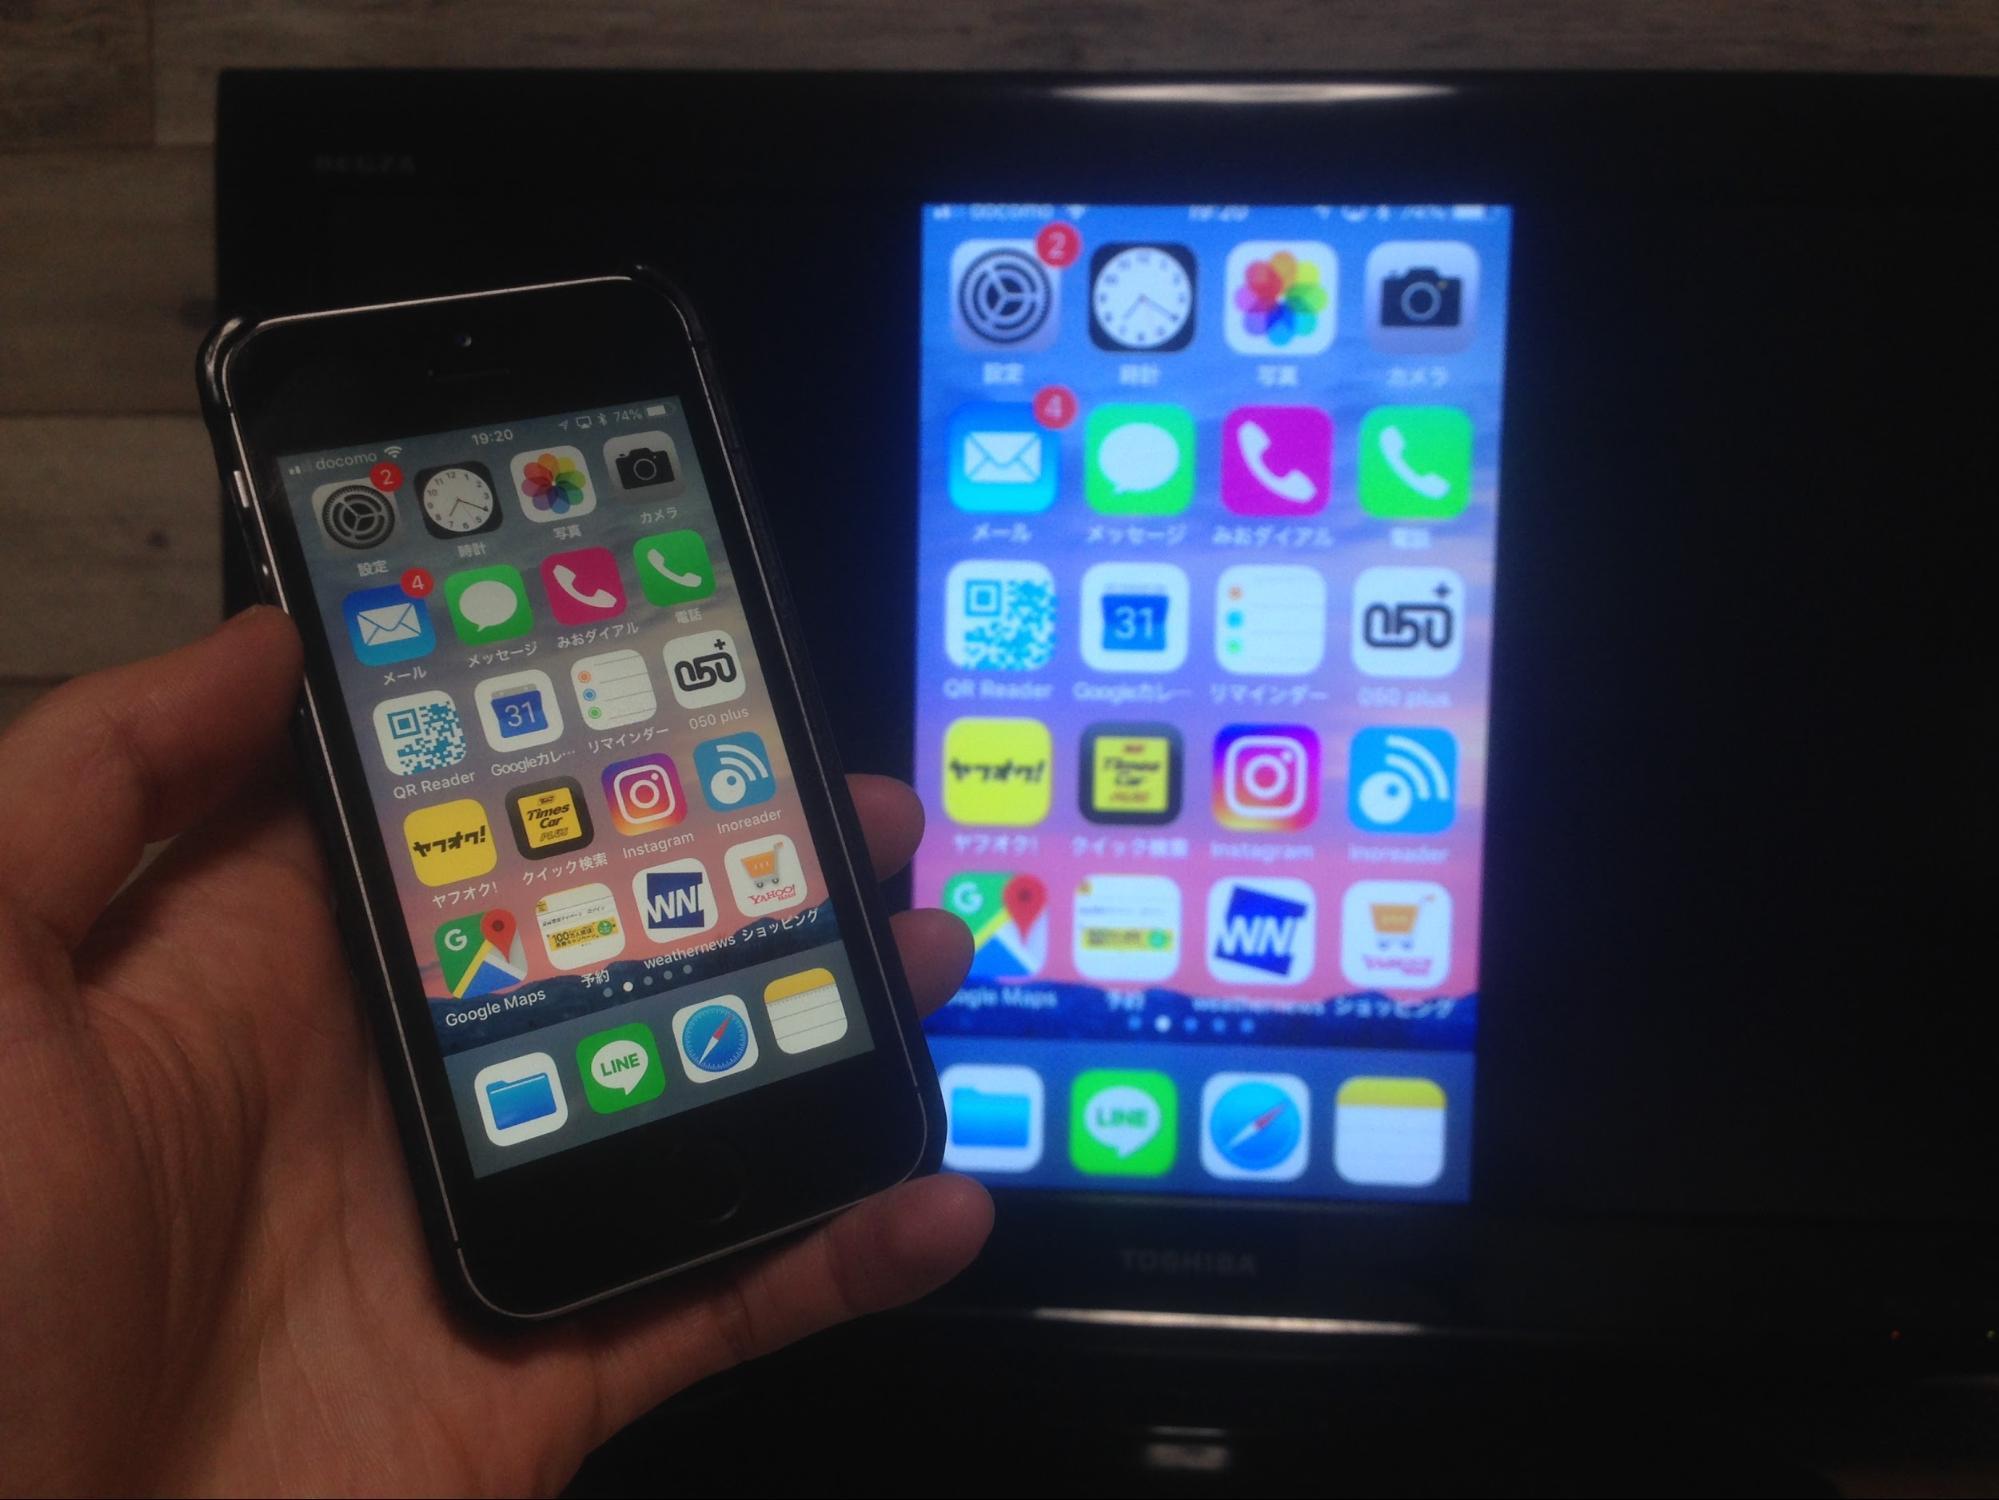 Fire Tv Stickを使って Iphoneの画面をワイヤレスでテレビに映してみた エンジョイ マガジン